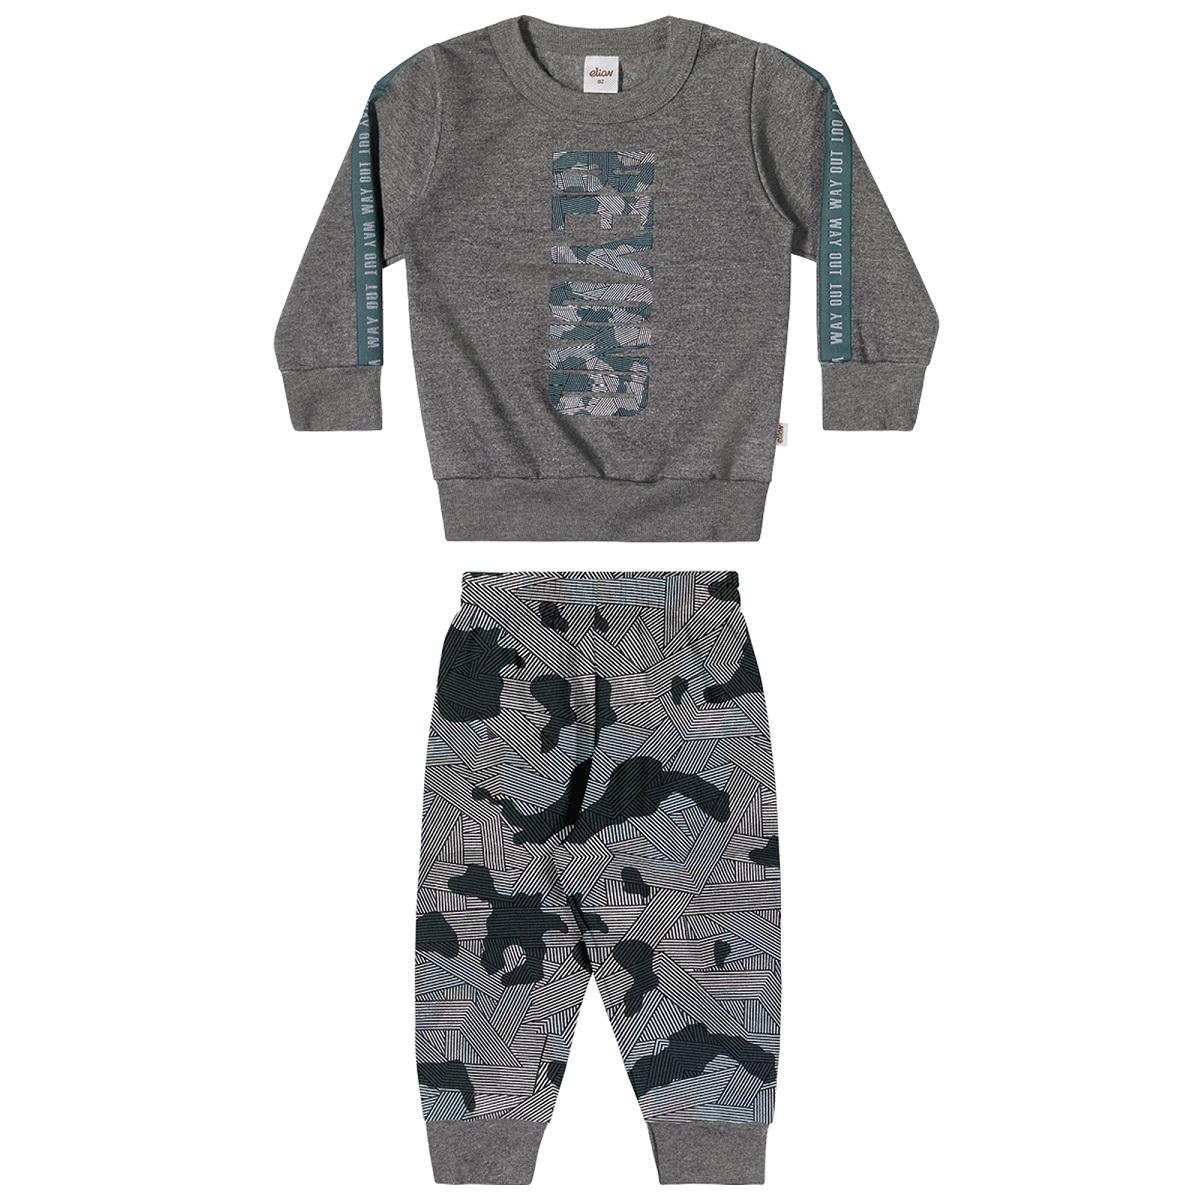 Conjunto Infantil Masculino Blusão e Calça - ELIAN 221111